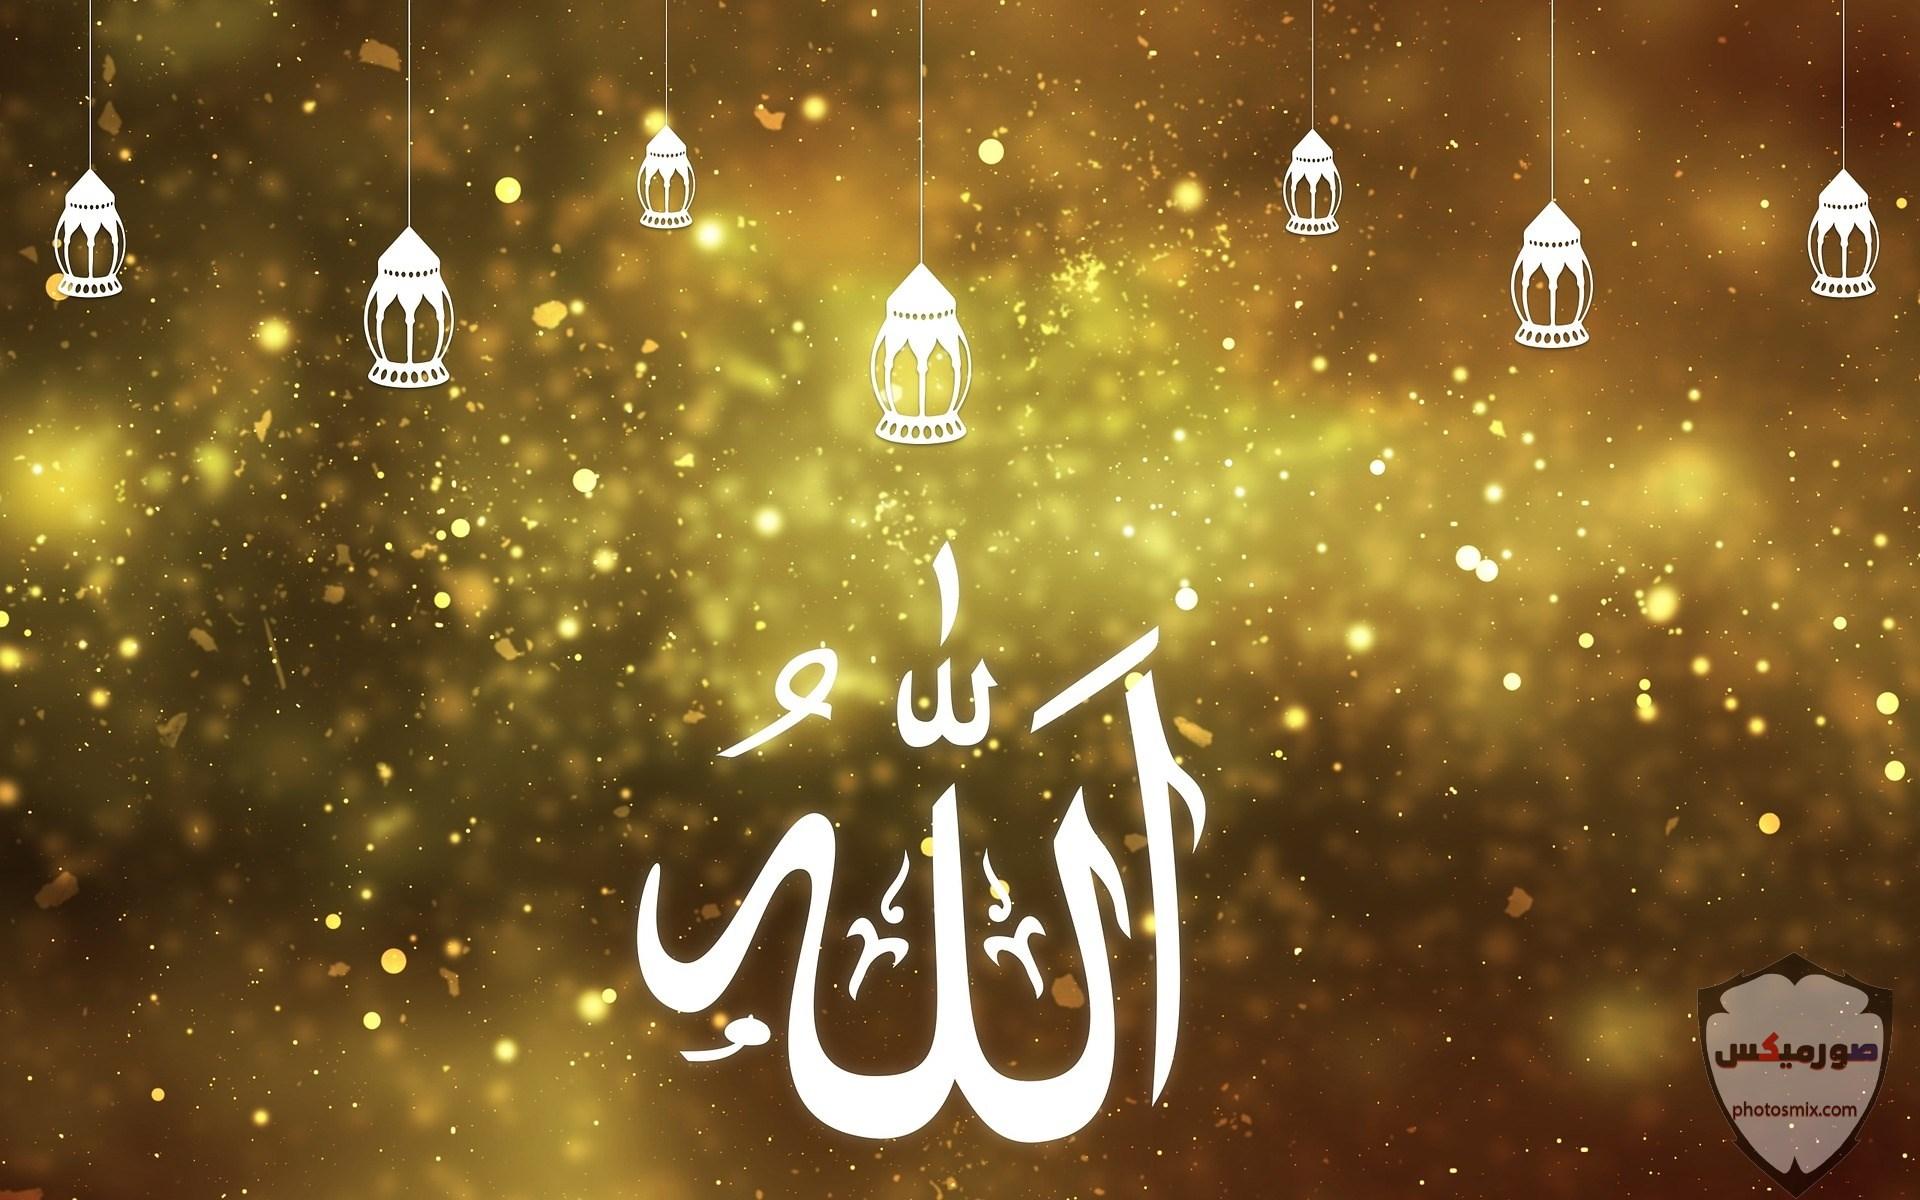 اجمل صور دينية 2020 تحميل صور اسلامية وادعية وايات قرانية وتسابيح 2021 10